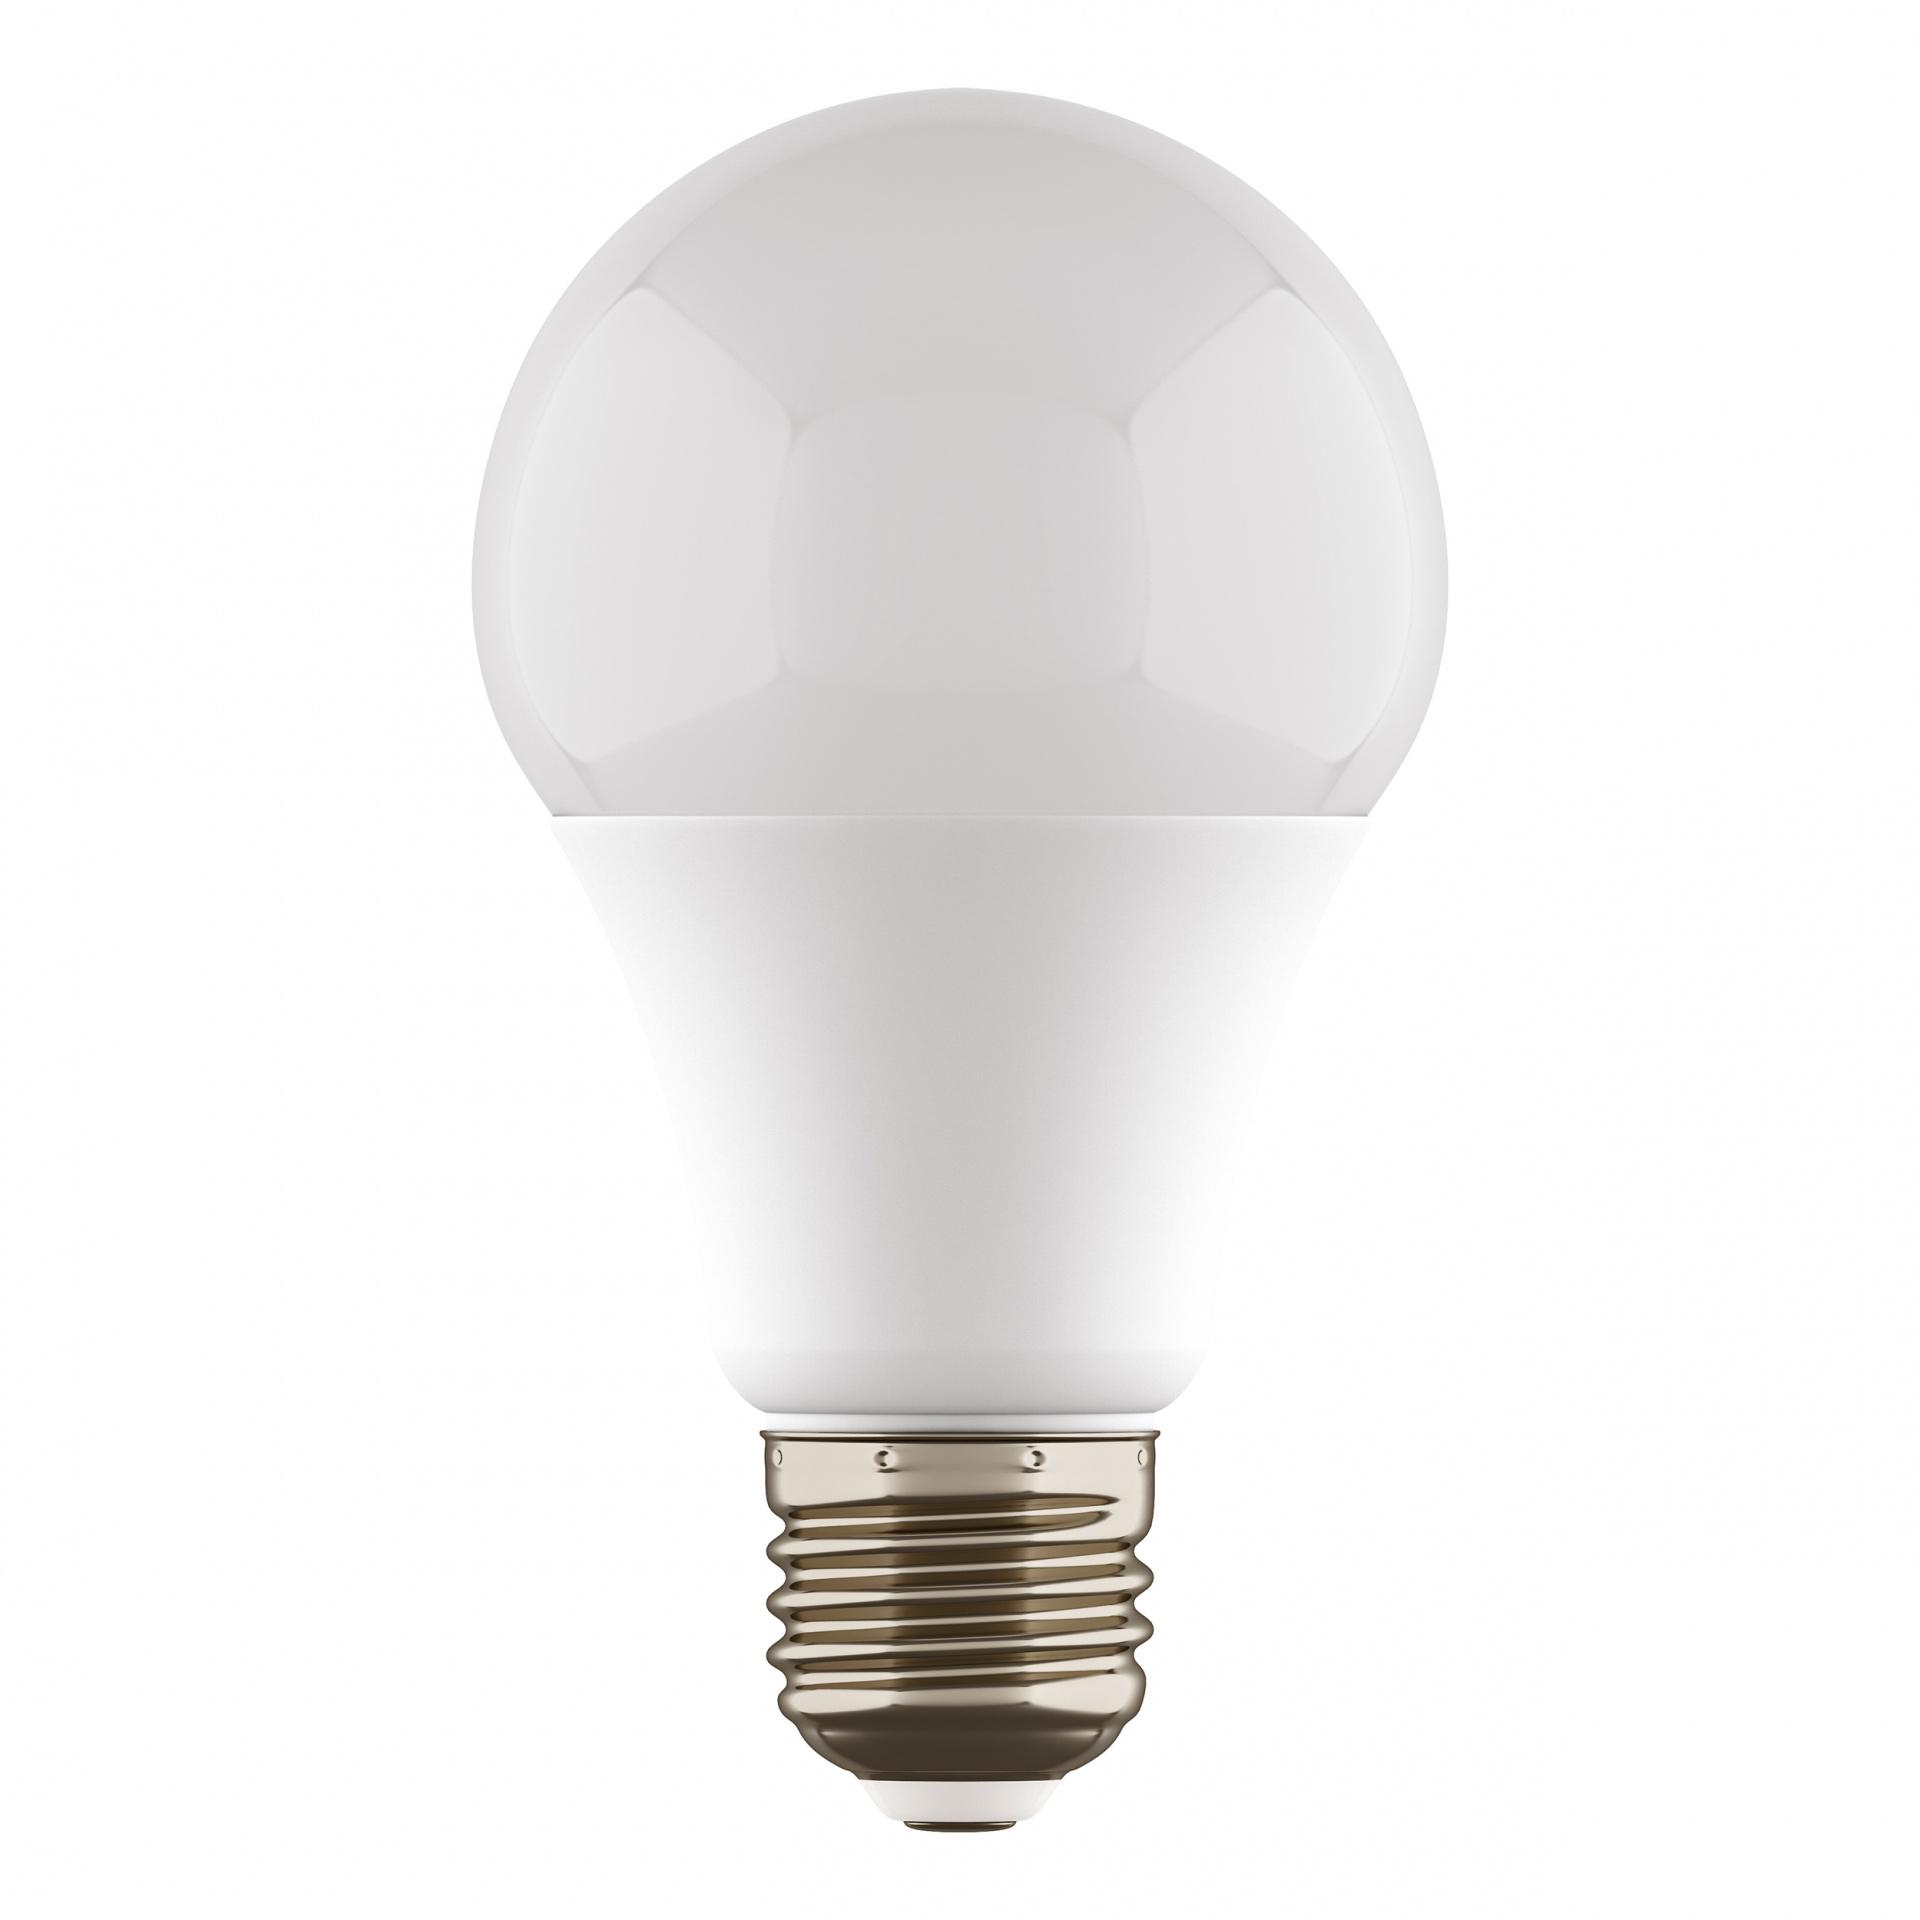 Лампа LED 220V A60 E27 9W=90W 600LM 180G FR 4000K 20000H Lightstar 940004, купить в СПб, Москве, с доставкой, Санкт-Петербург, интернет-магазин люстр и светильников Starlight, фото в жизни